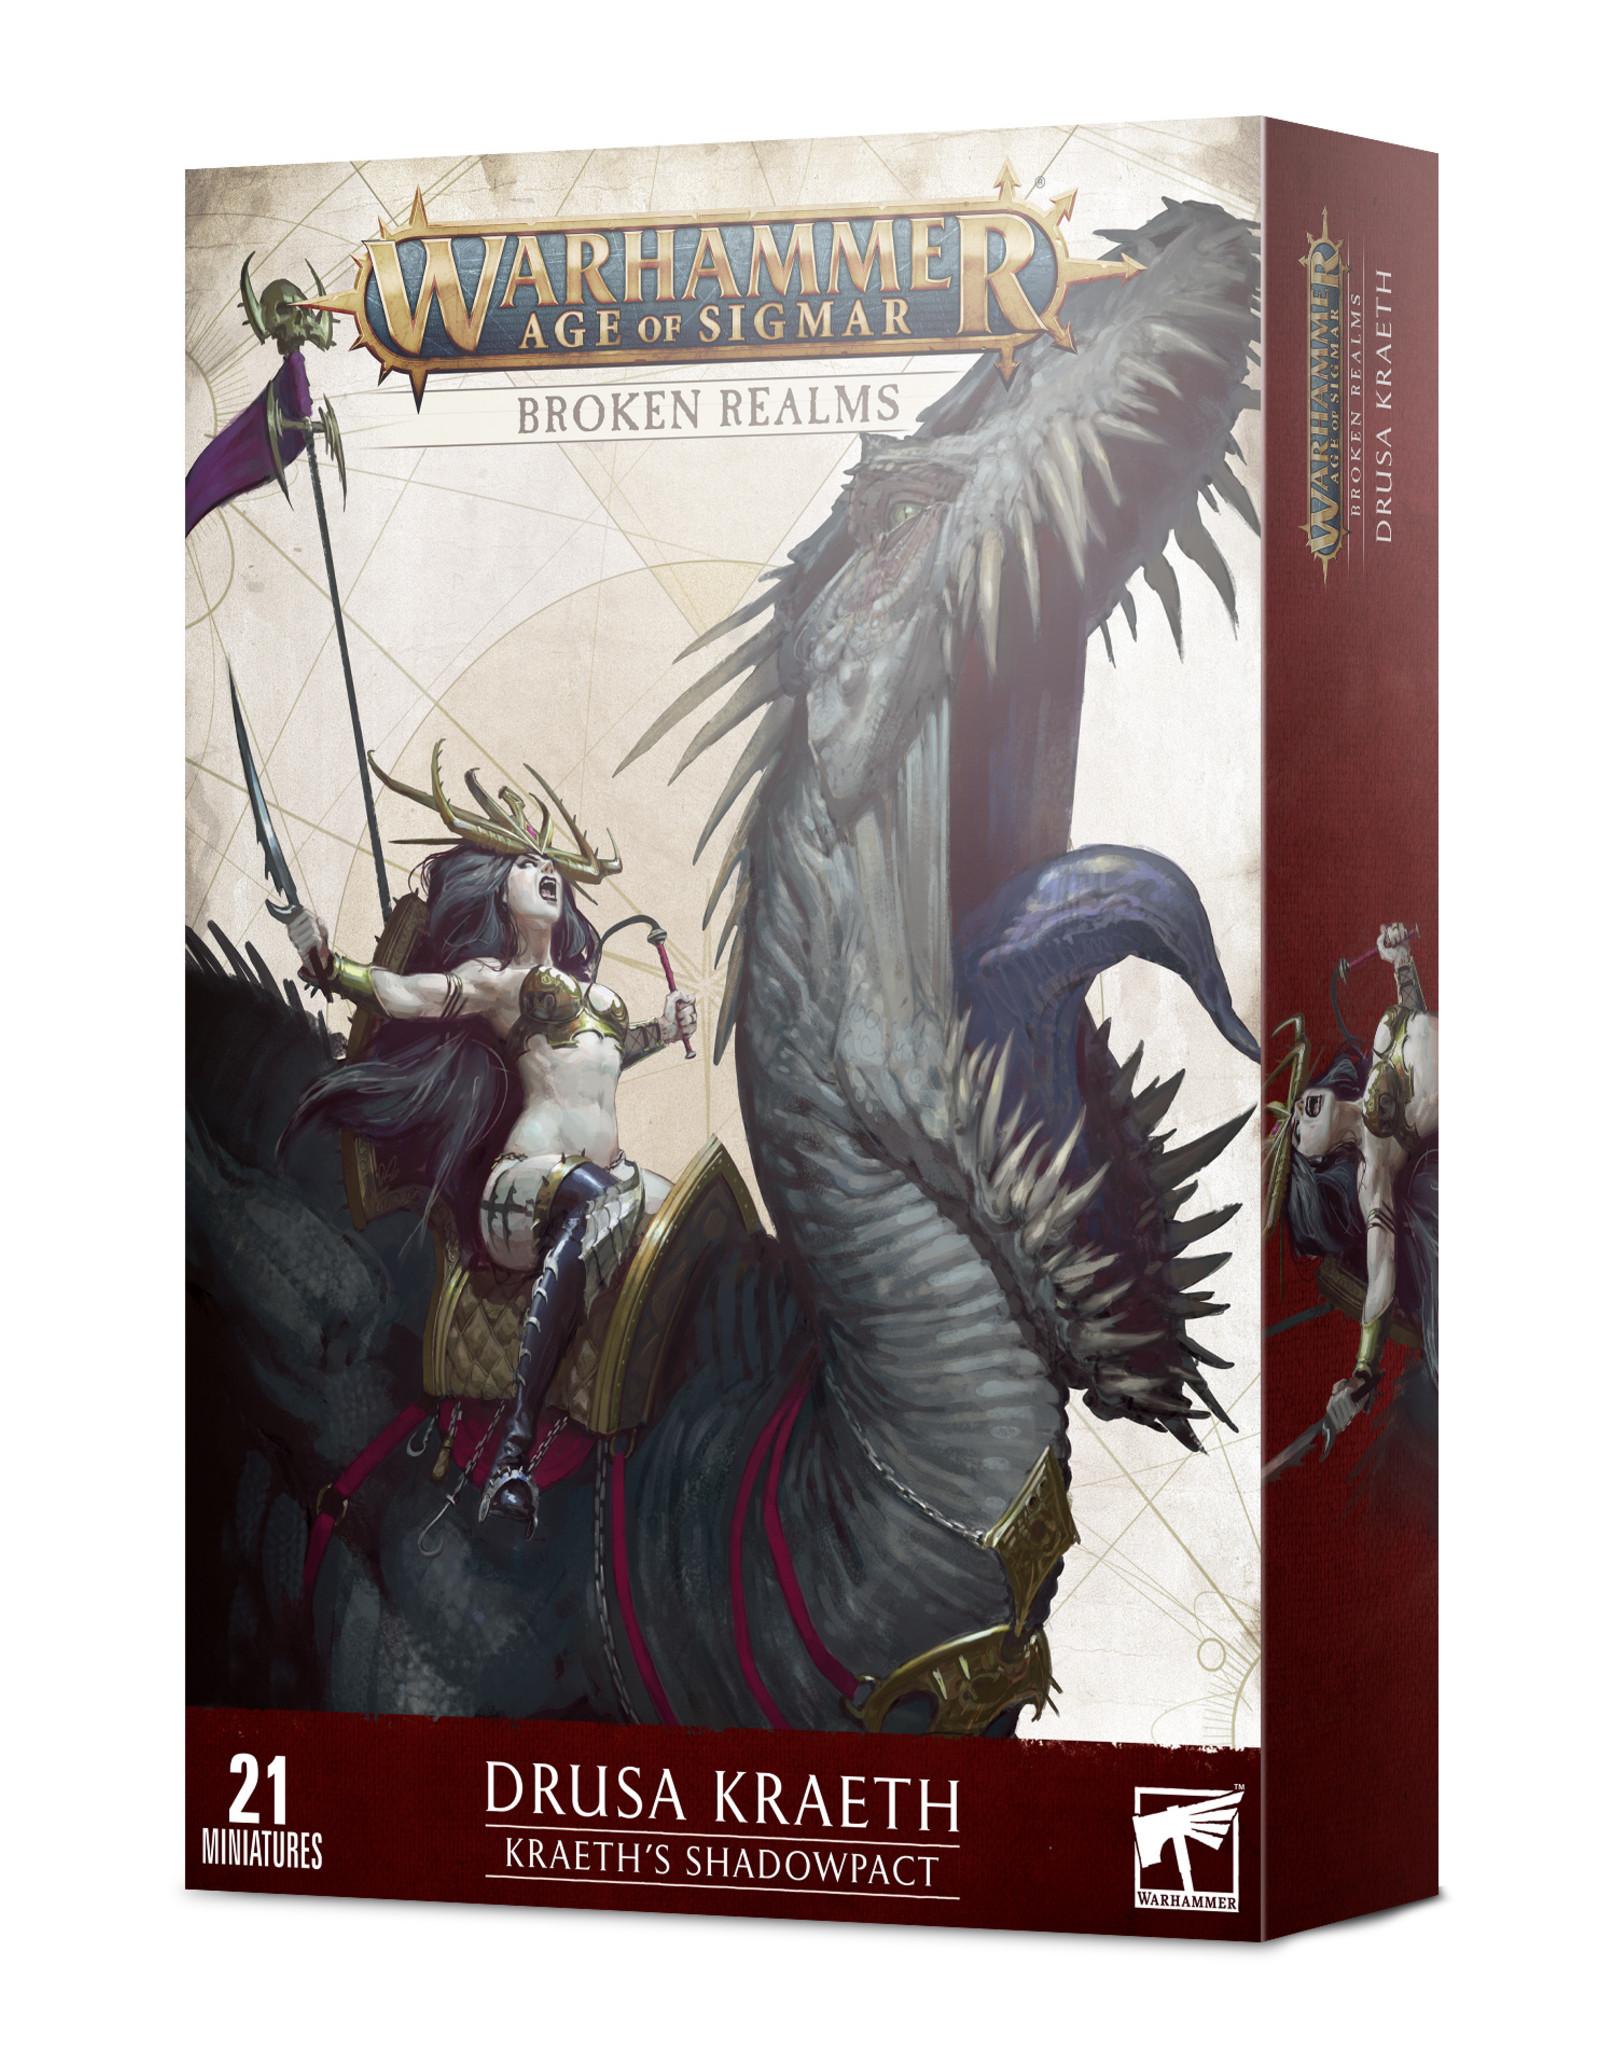 Games Workshop Age of Sigmar Broken Realms: Kraeth's Shadowpact